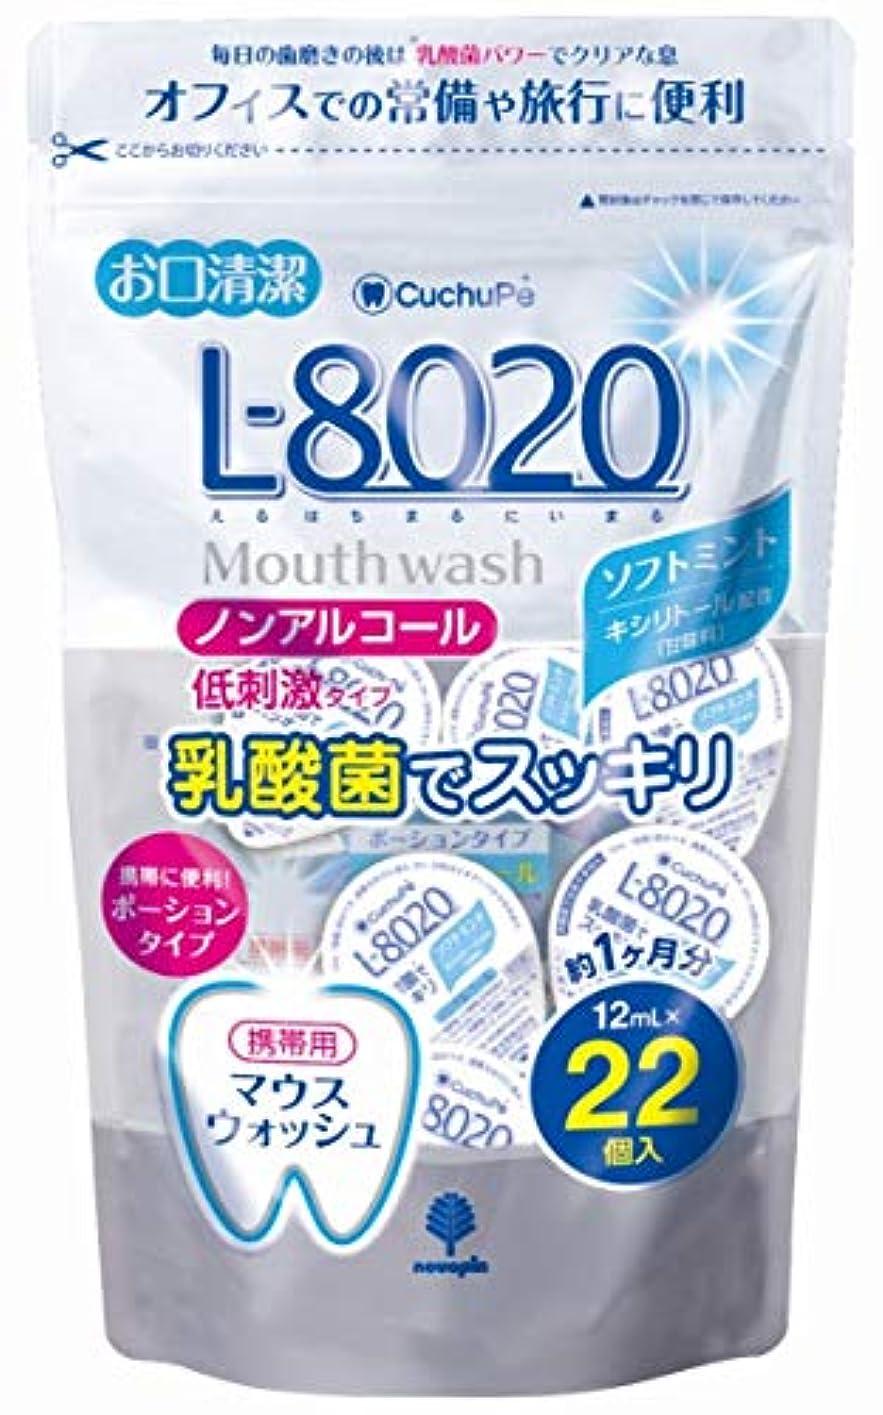 処理するメトリック摂氏日本製 made in japan クチュッペL-8020 ソフトミント ポーションタイプ22個入(ノンアルコール) K-7096【まとめ買い6個セット】